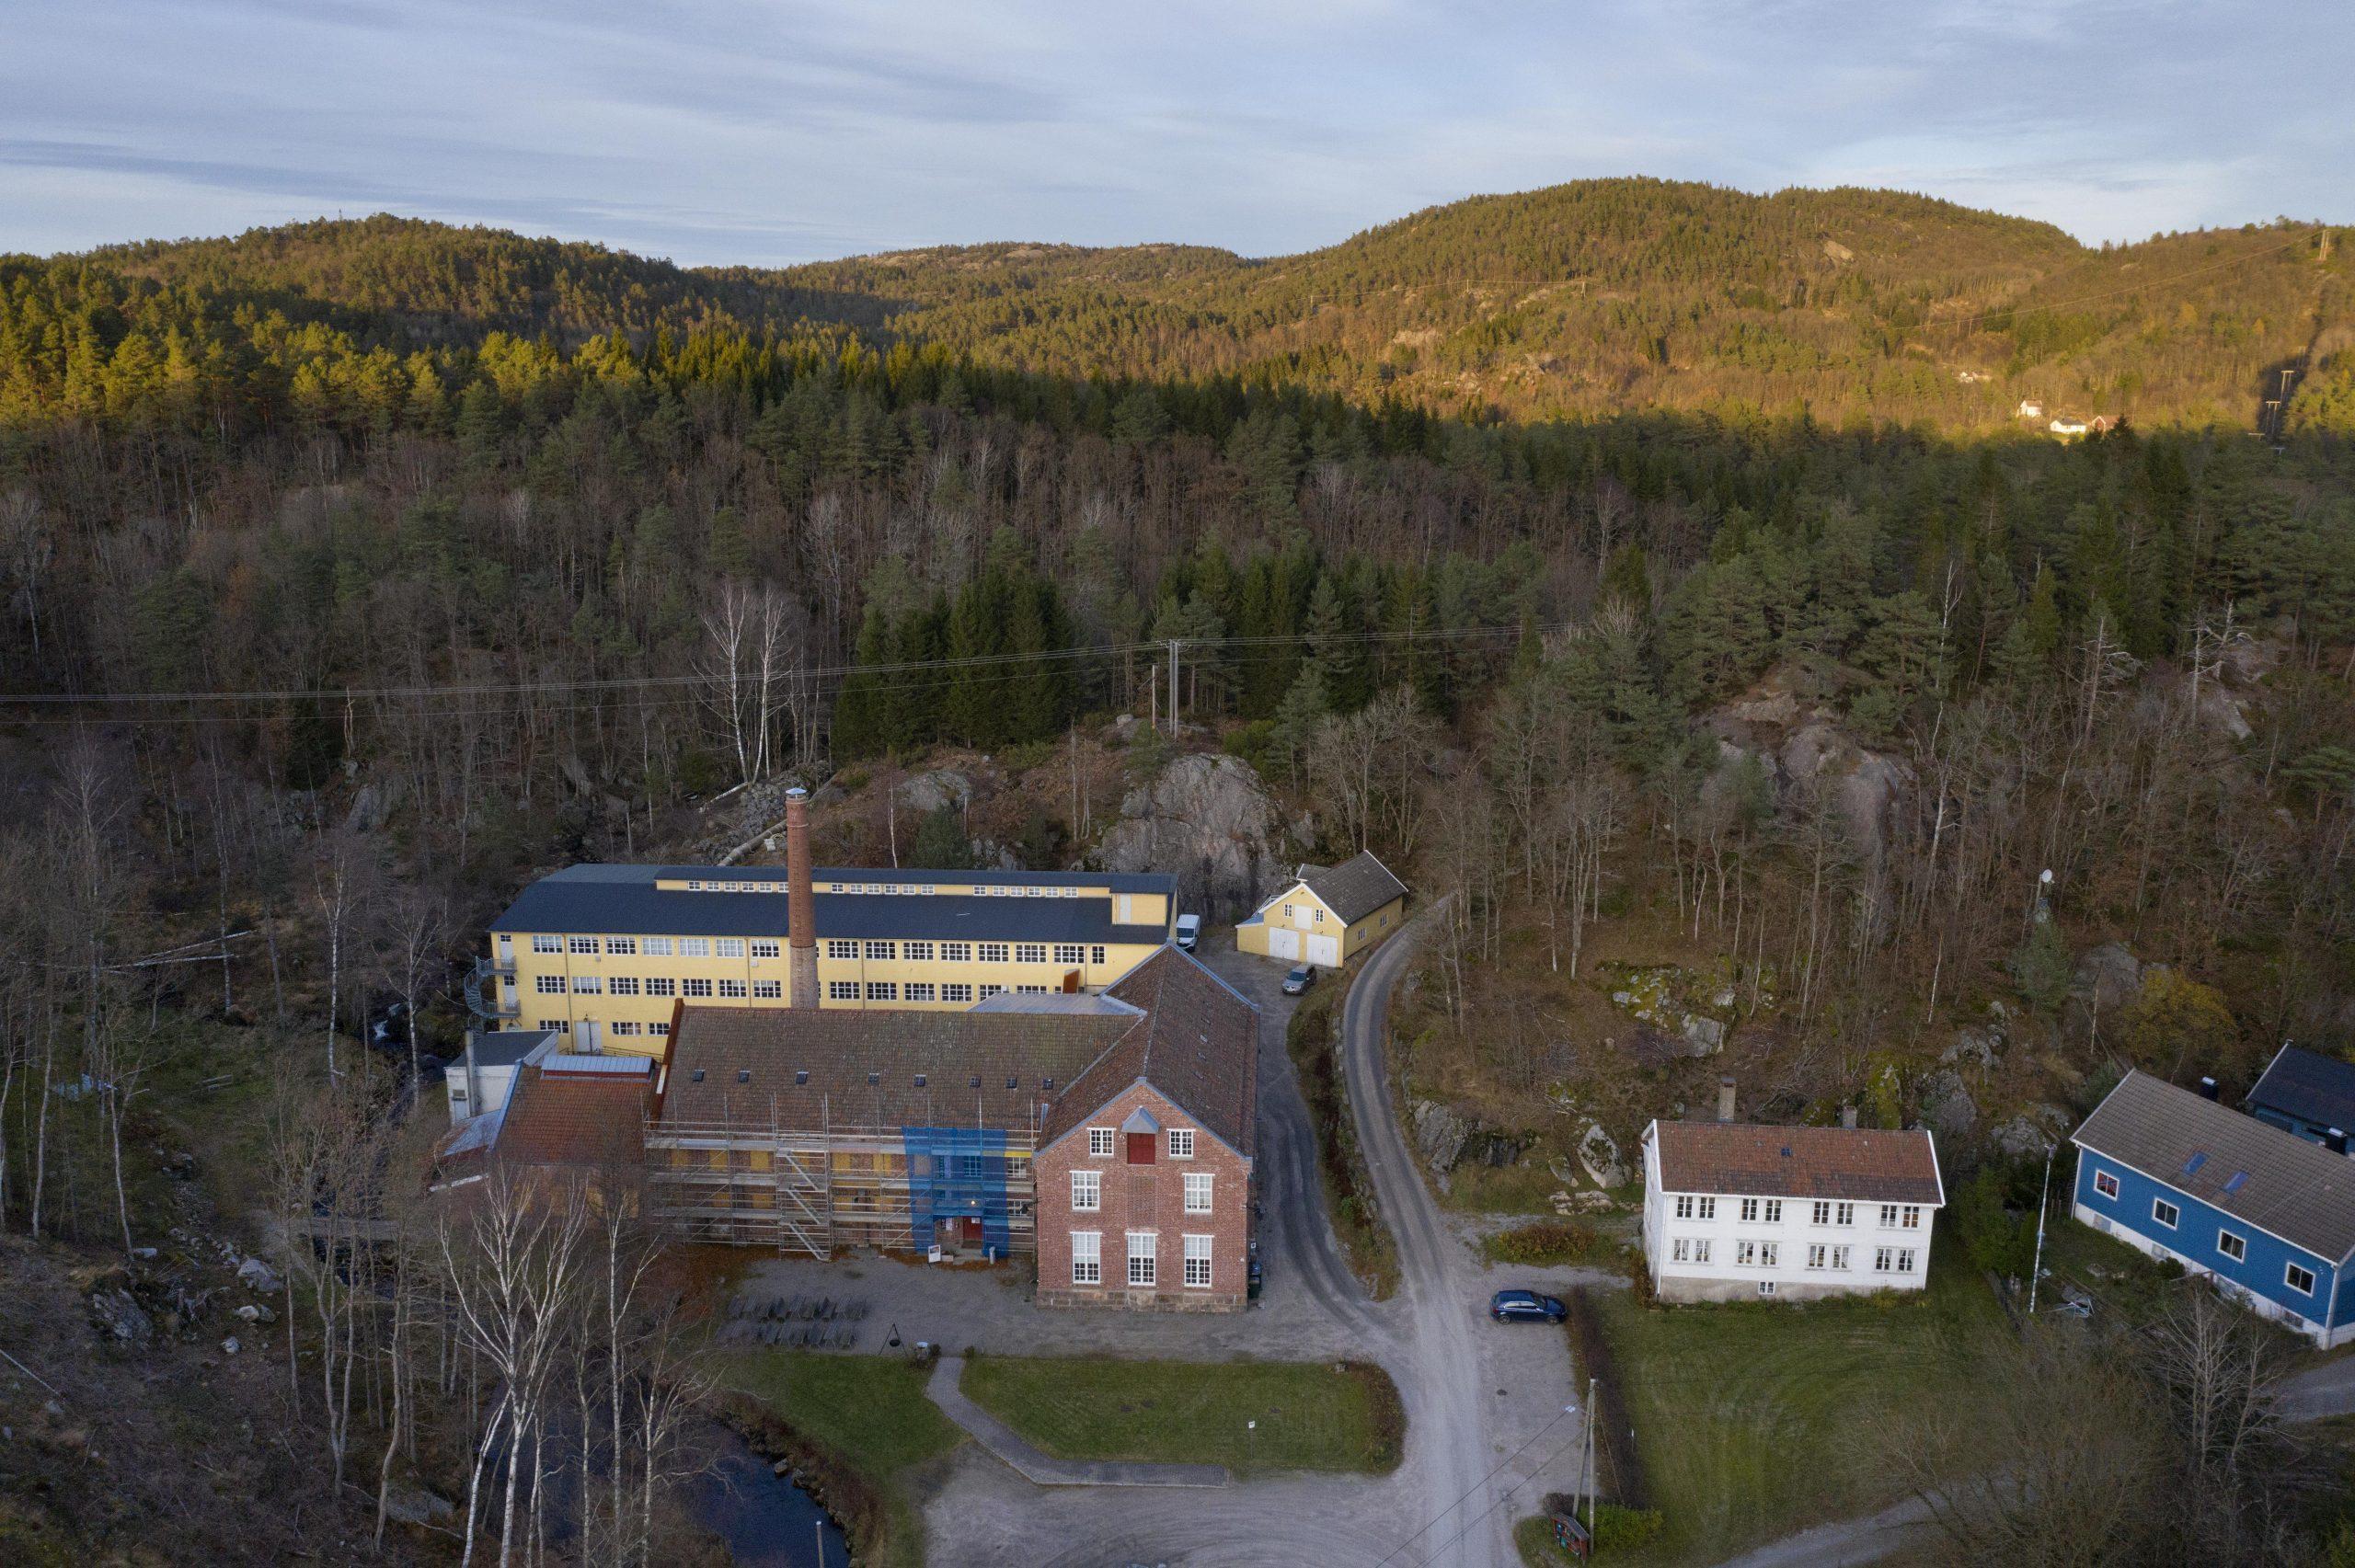 Flyfoto av Sjølingstad Uldvarefabrik. Foto er tatt av Trond A. Isaksen, Riksantikvaren